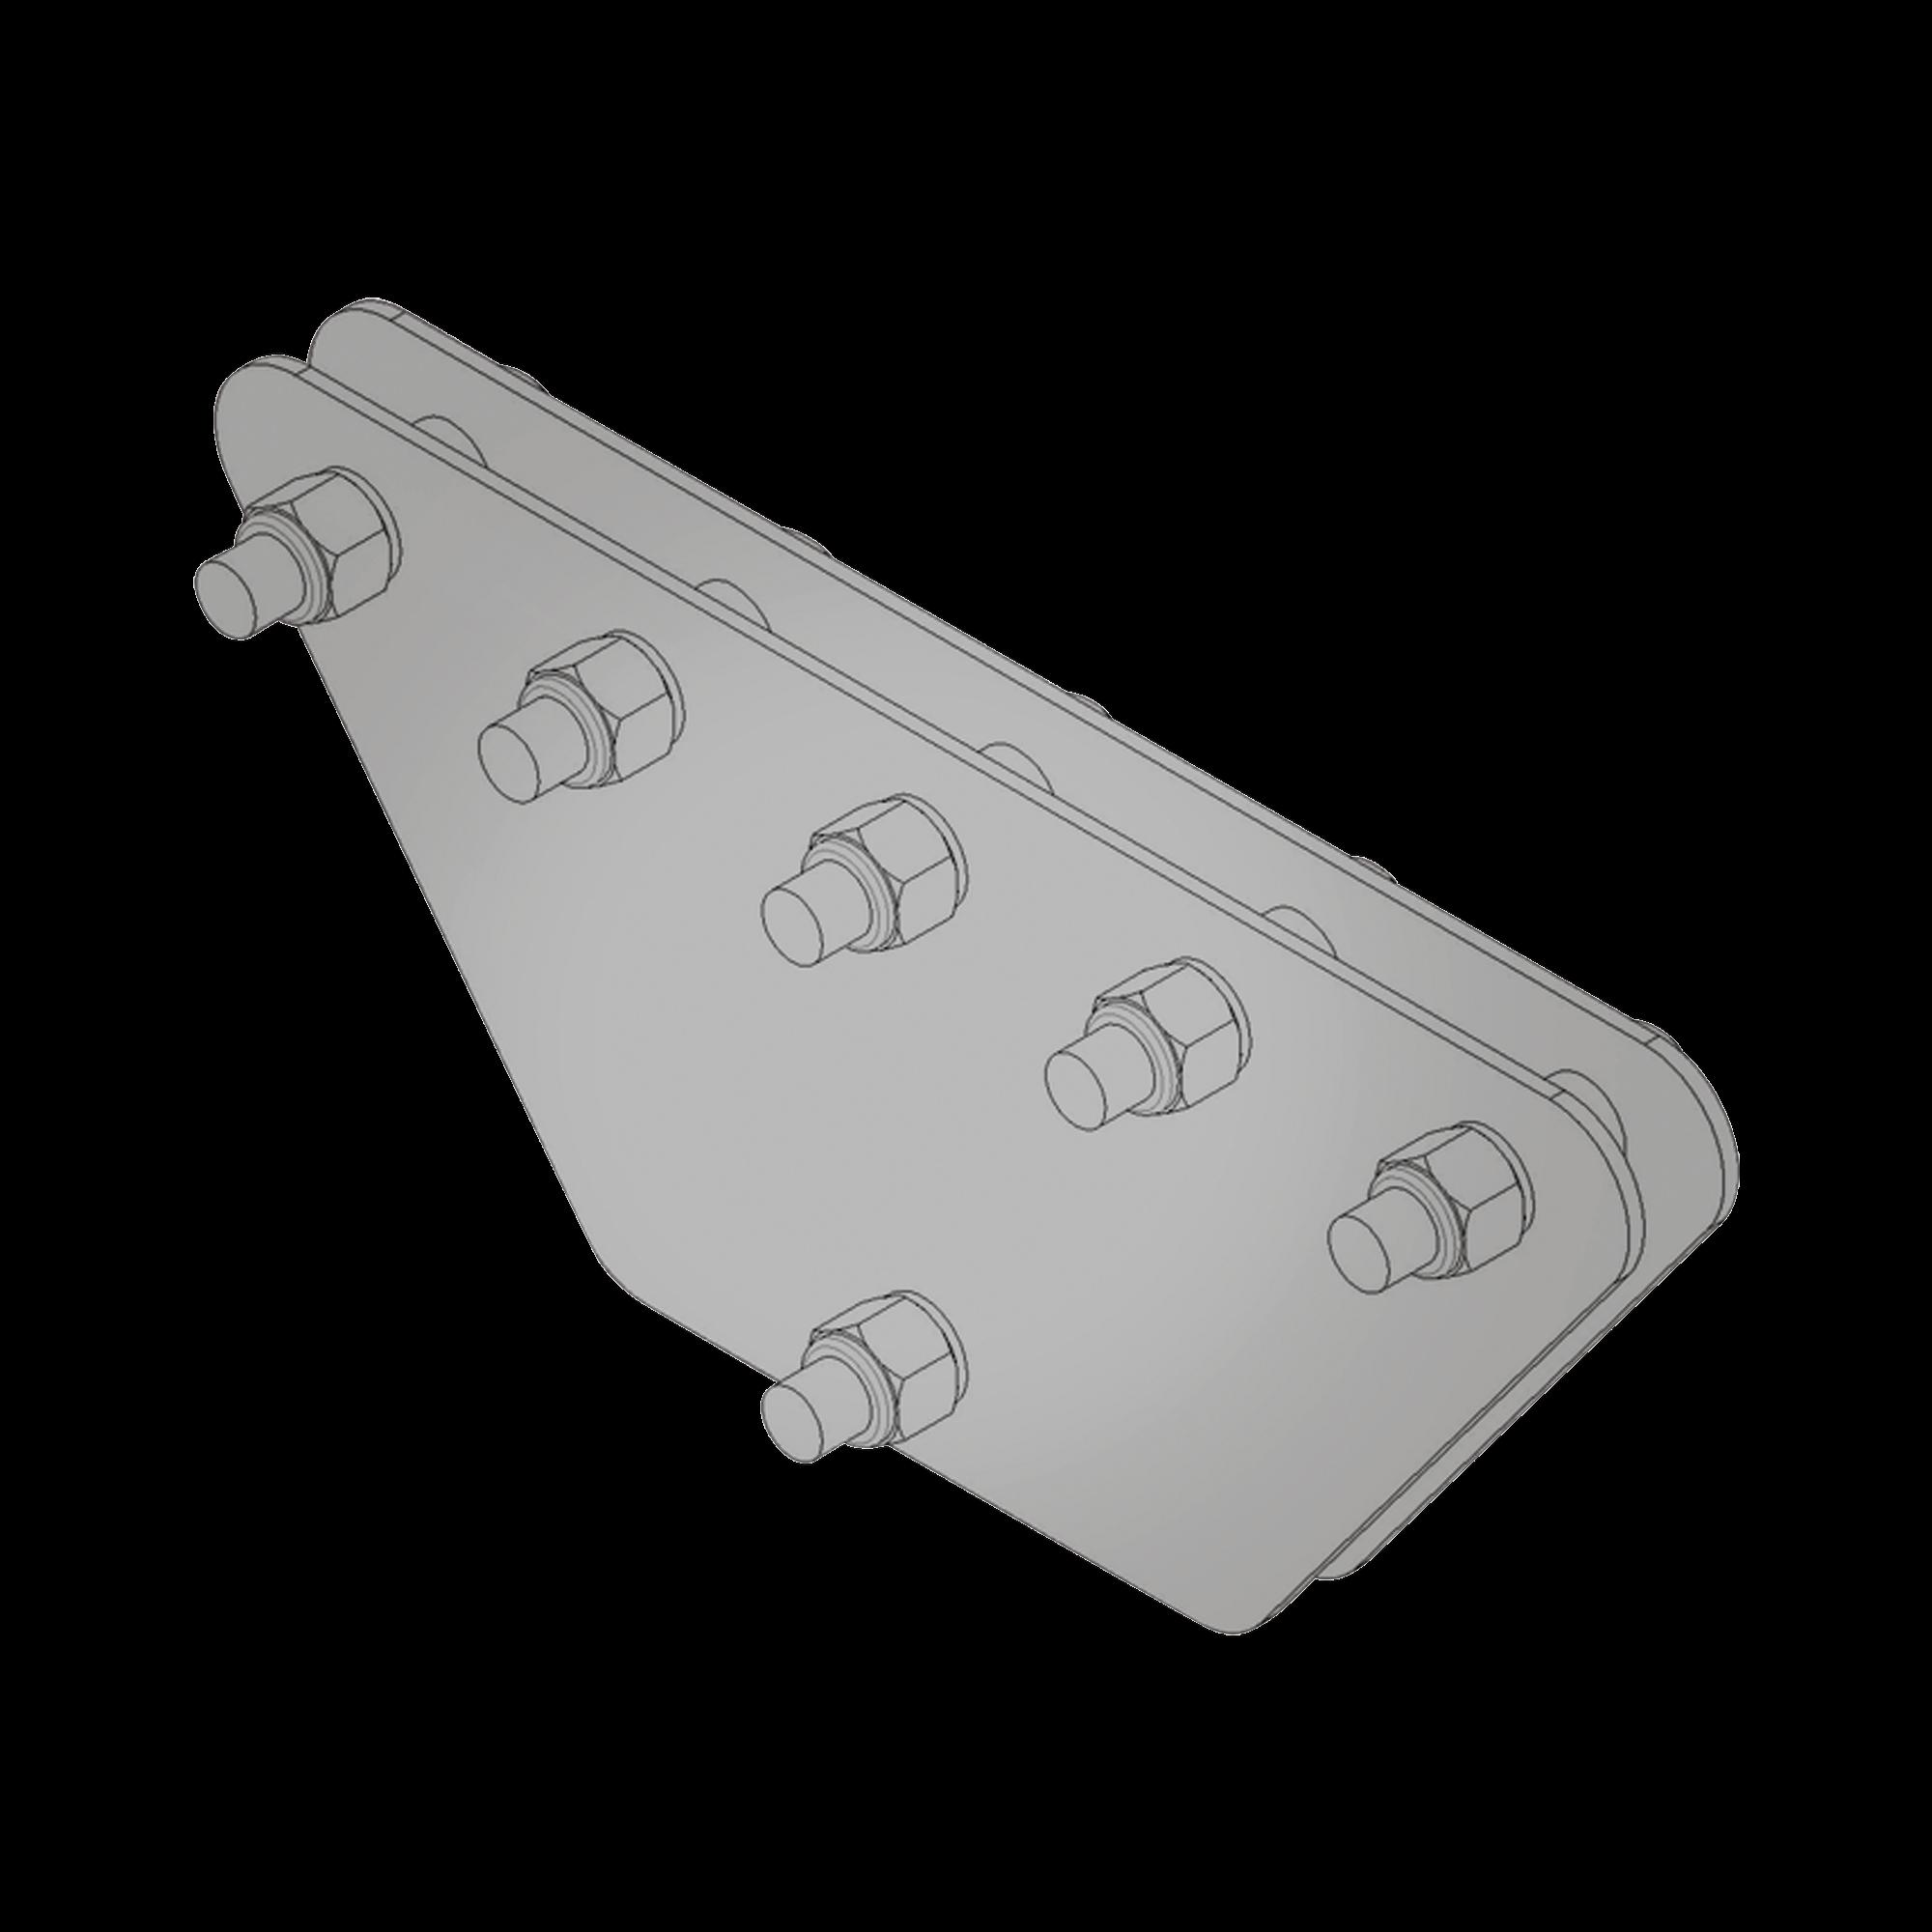 Placas igualadoras con tornillería y separadores, para 5 retenidas. Galvanizado en inmersión (20x20x50 cm).